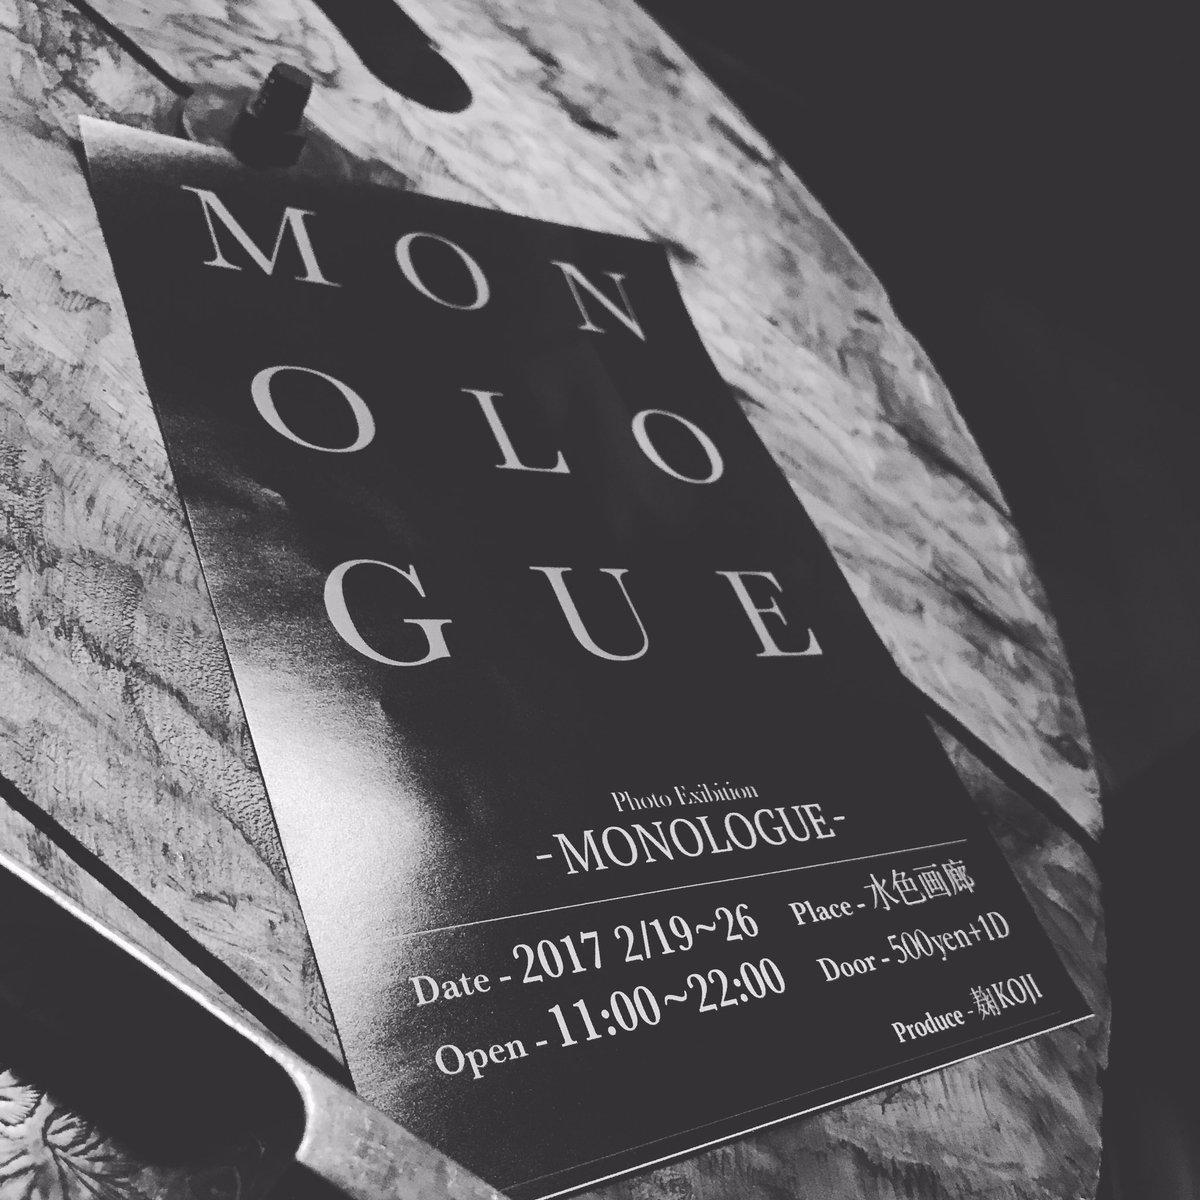 水色画廊でKOJIさんの写真展MONOLOGUEを体感☆語り出すモノクロの写真たち。1人の男が静かに、そして確かな陰影で